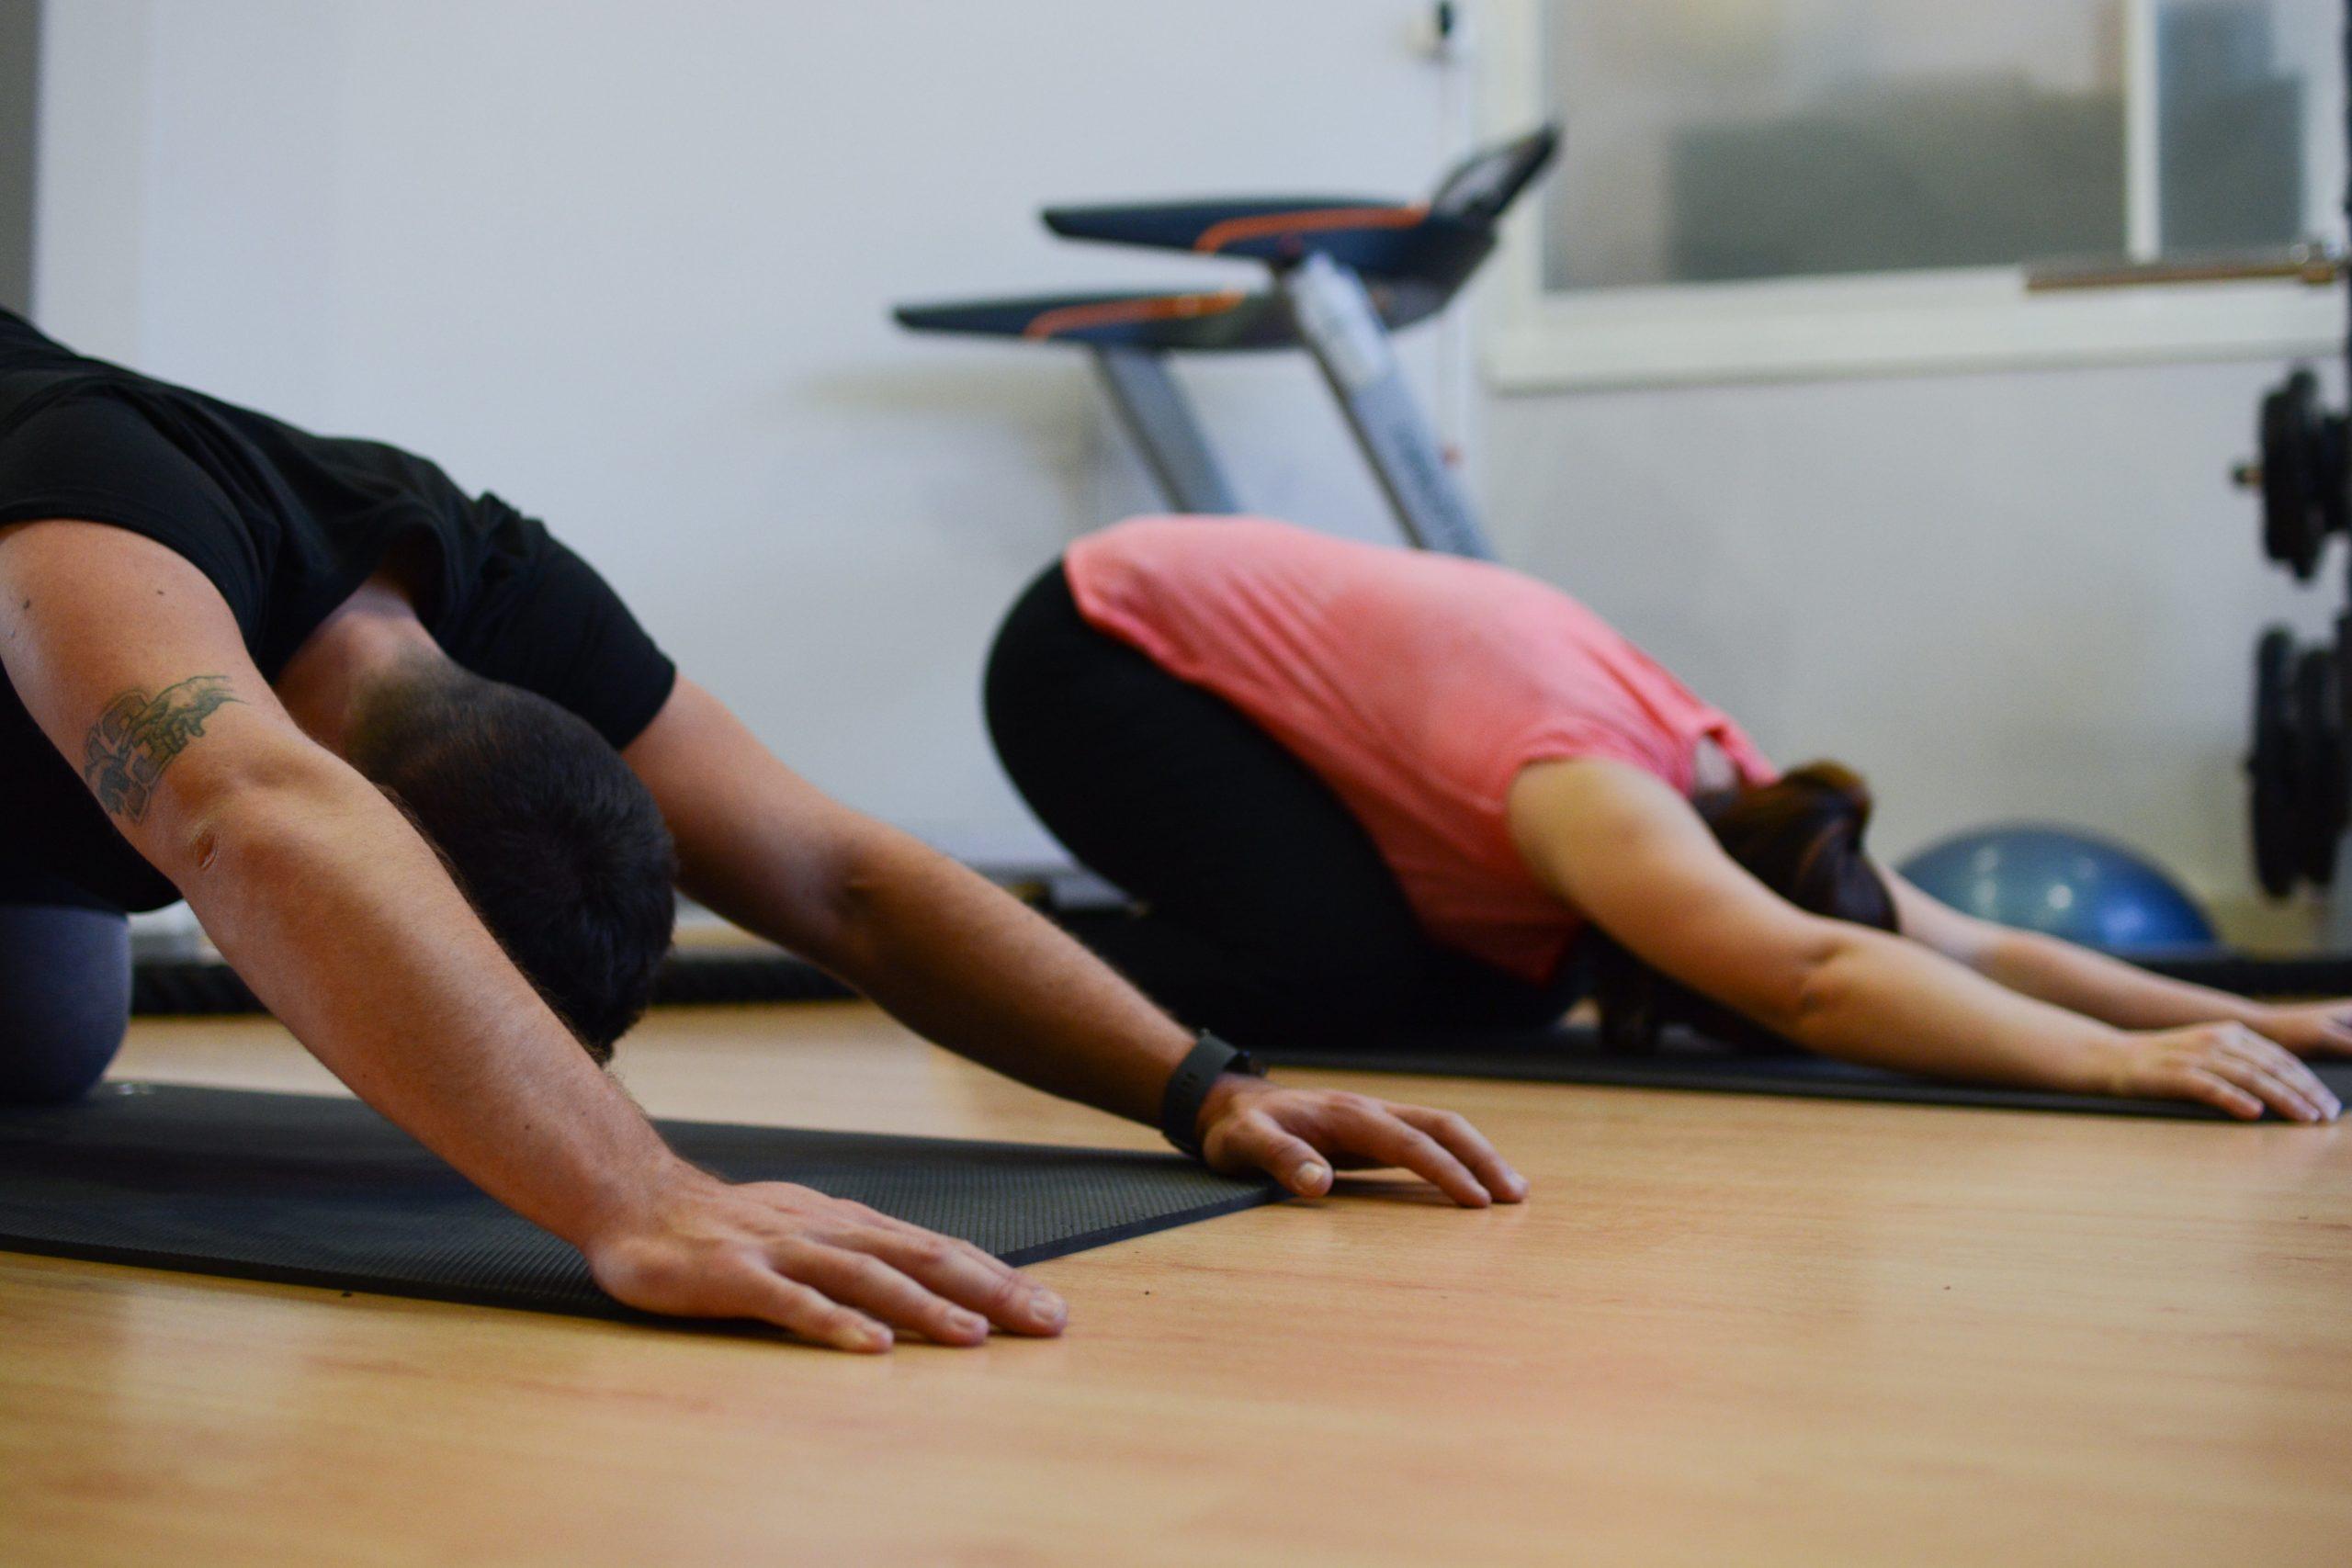 Le stretching : une bonne méthode de prévention sportive